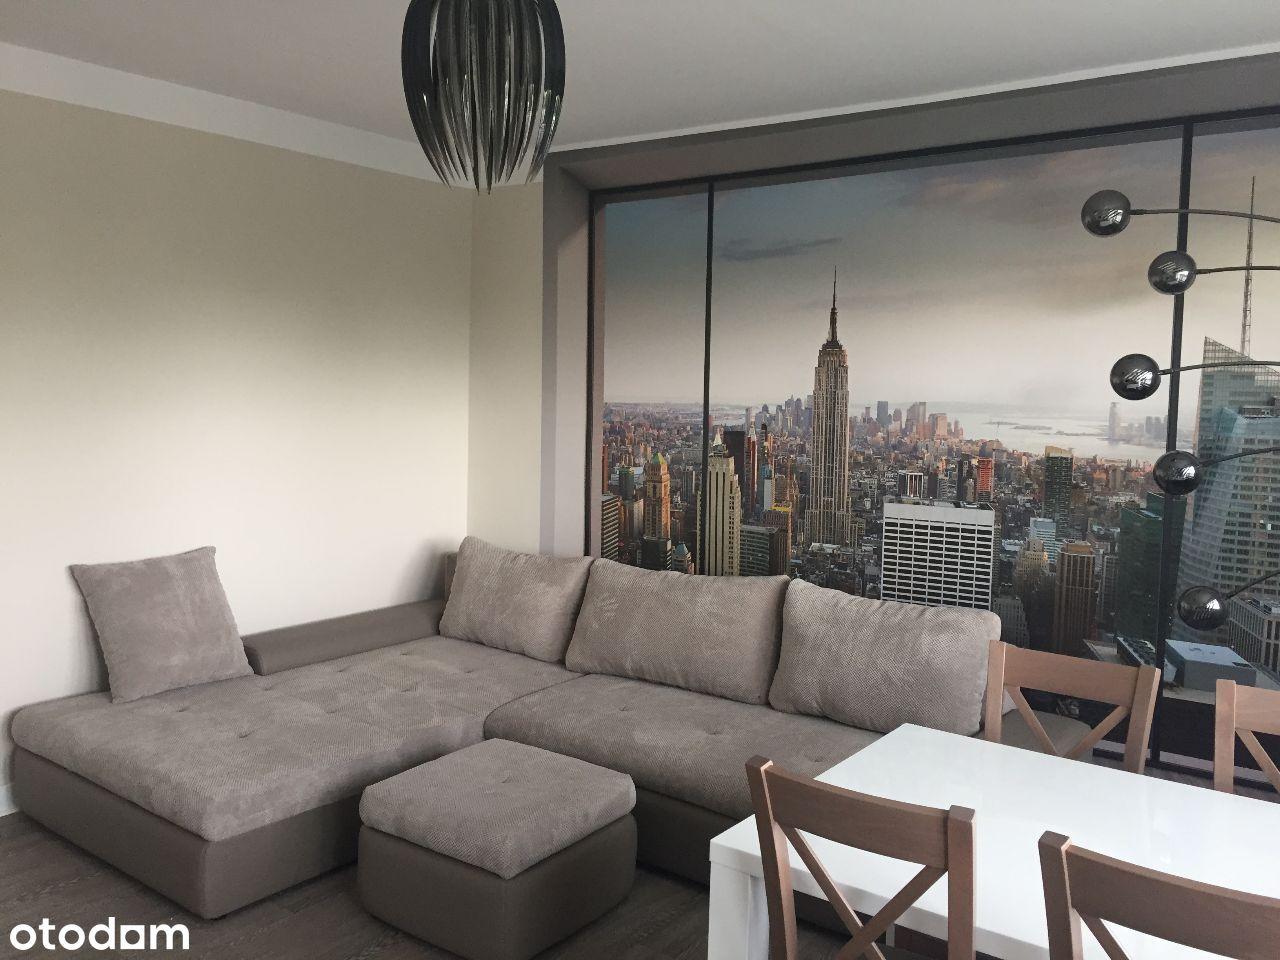 Wynajmę mieszkanie, 2 pokoje od 1.09.2021